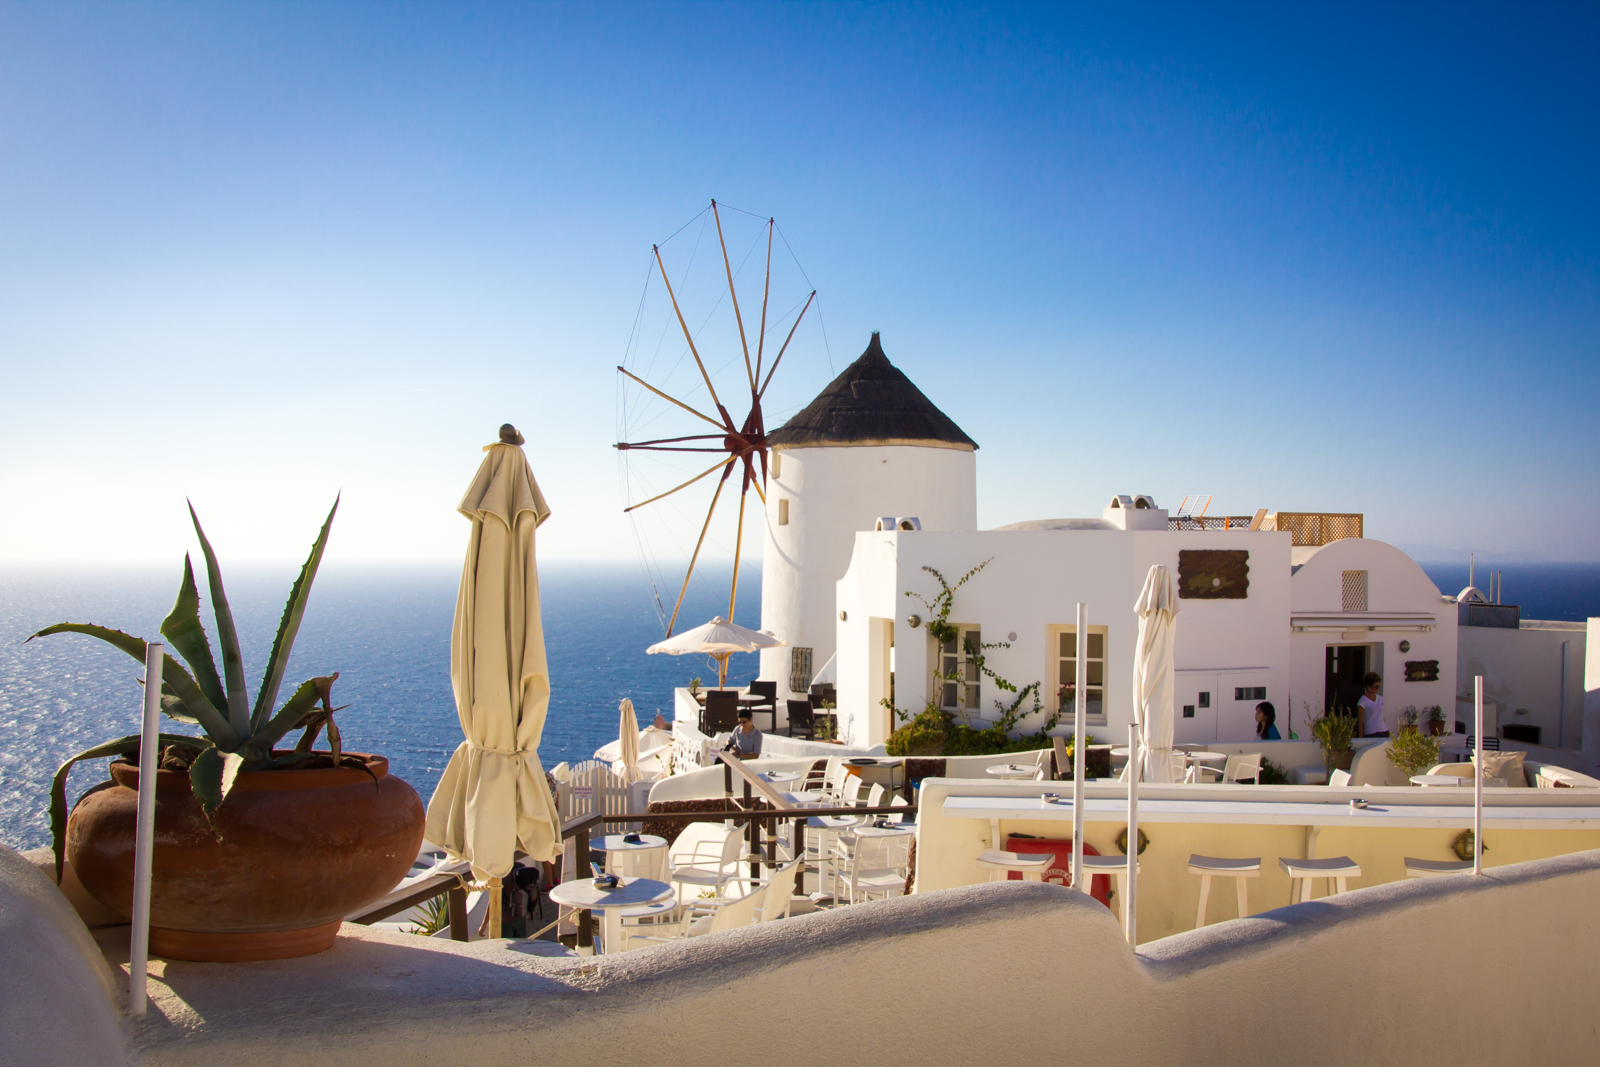 Via auf der griechischen Insel Santorini